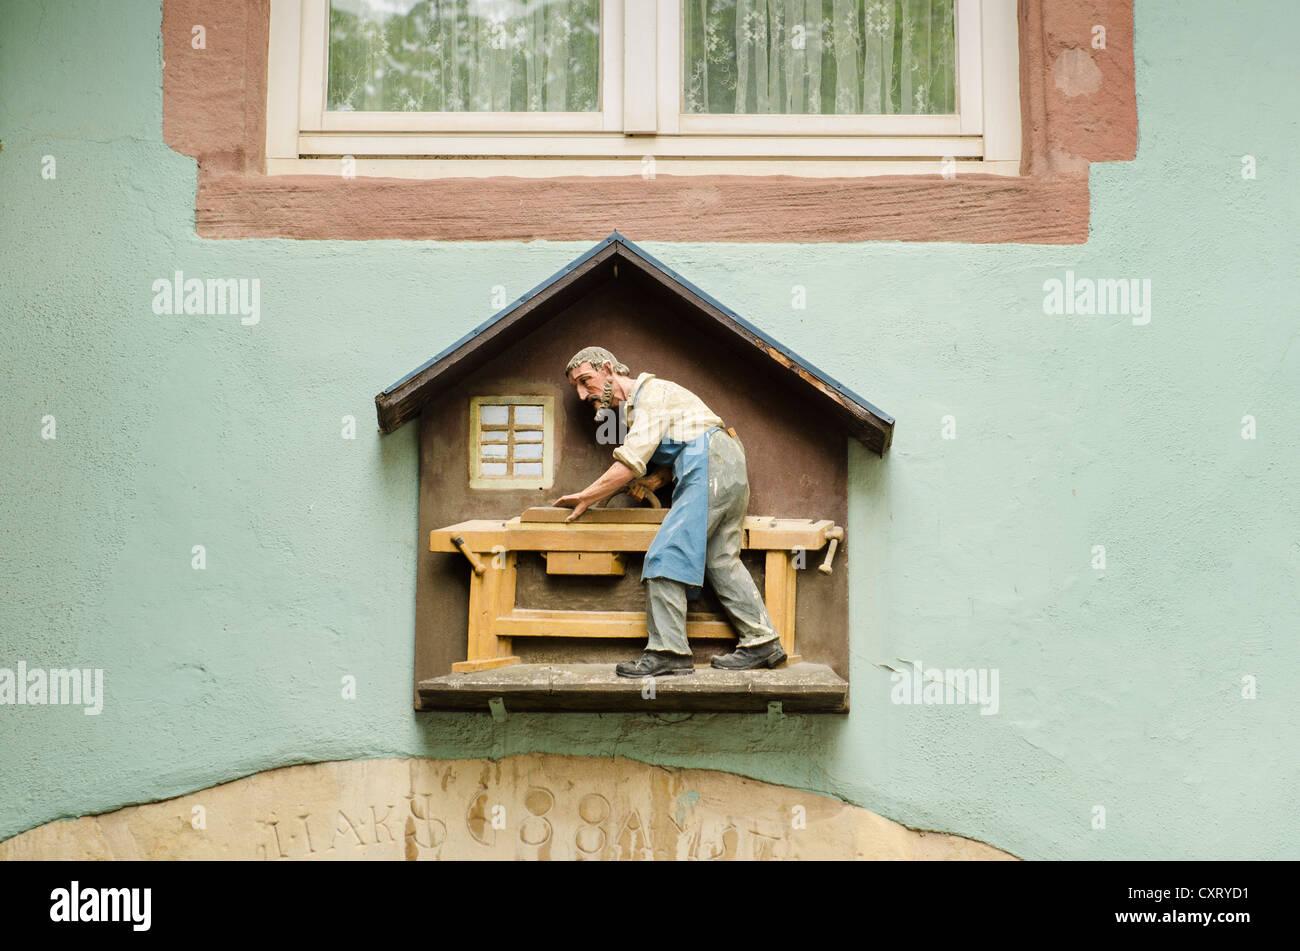 Symbole de l'artisanat d'un menuisier charpentier ou au-dessus de la porte d'une vieille maison dans Photo Stock